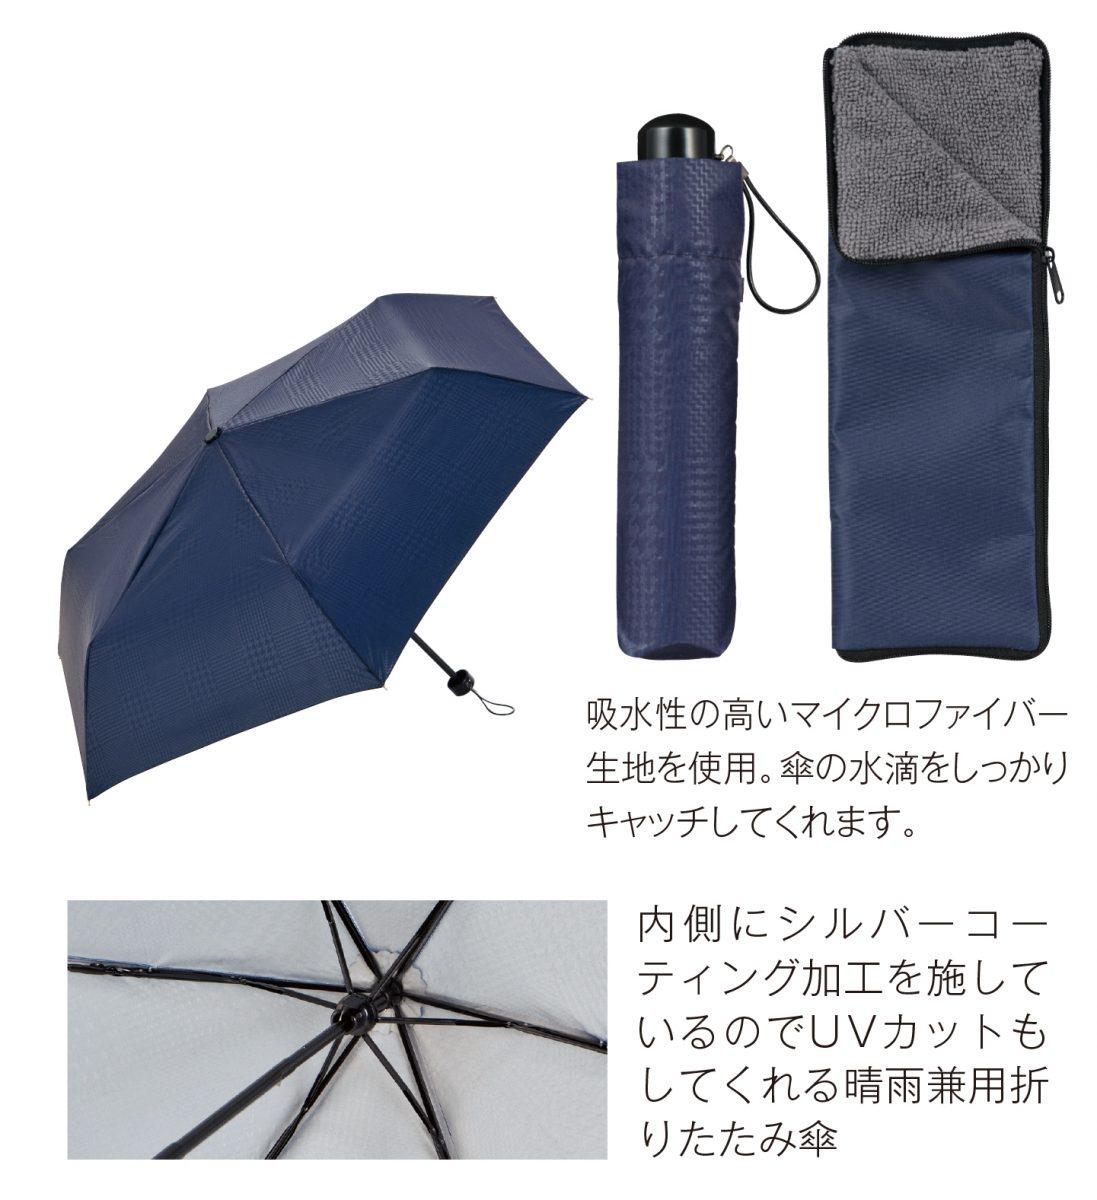 折りたたみ傘&傘カバーギフトセット